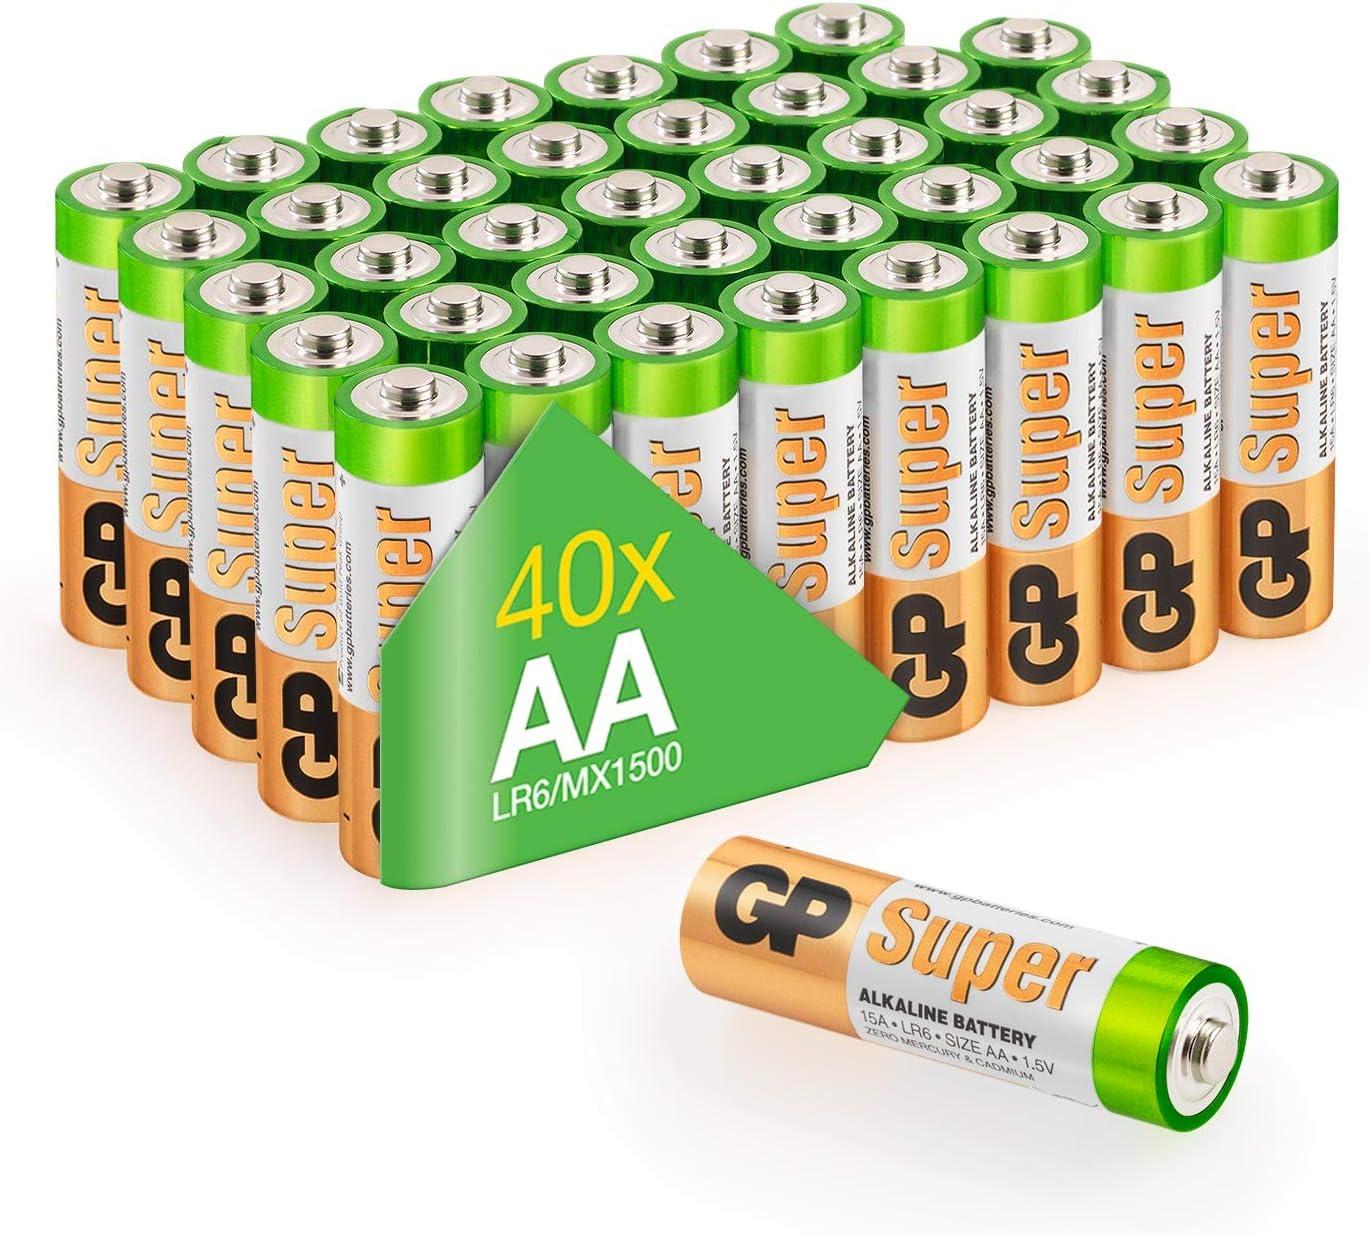 Gp Batterien Aa 1 5v Super Alkaline Longlife Elektronik